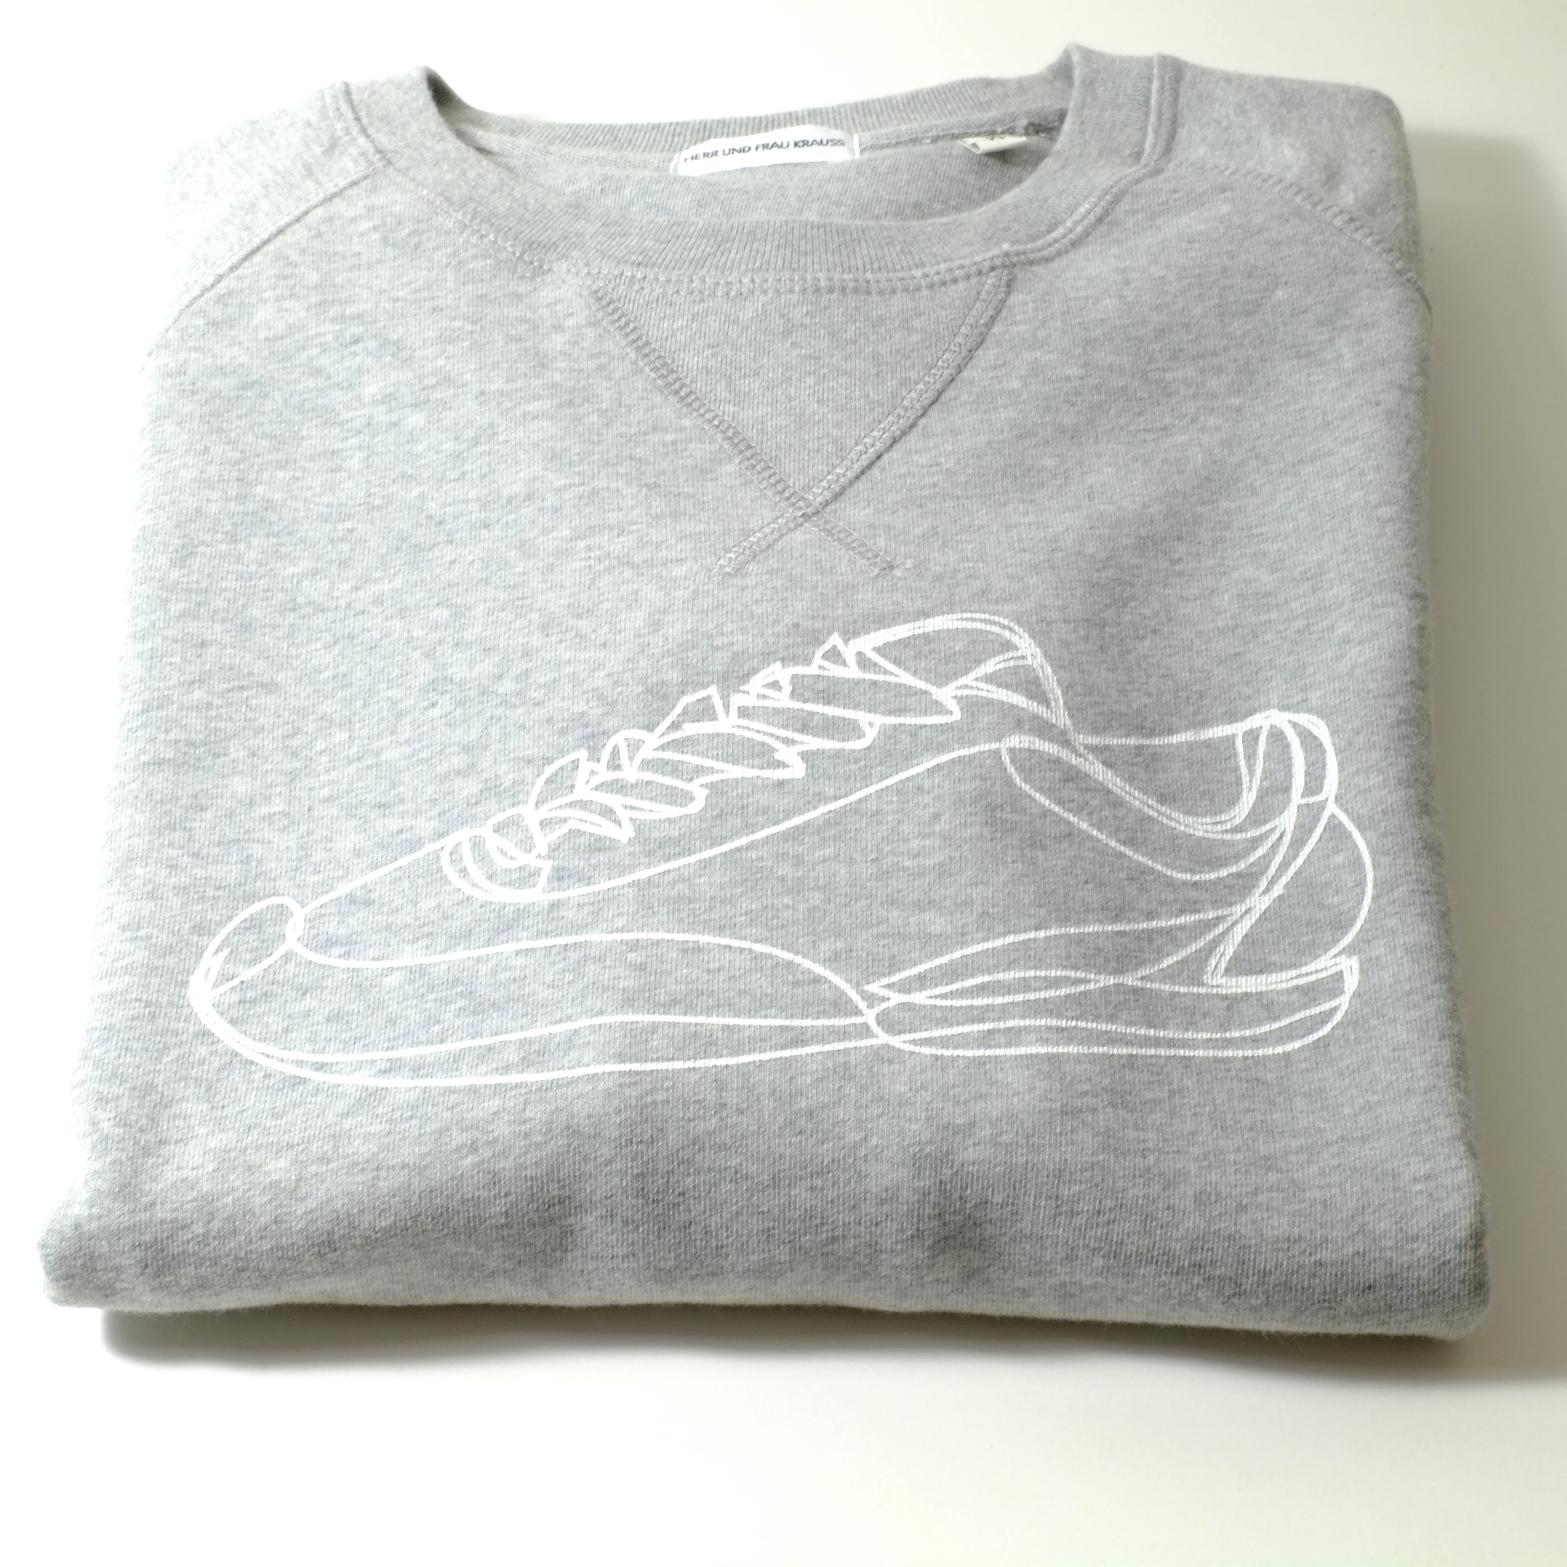 sweatshirt-maenner-organic-cotton-turnschuh-grau-melange-liegend